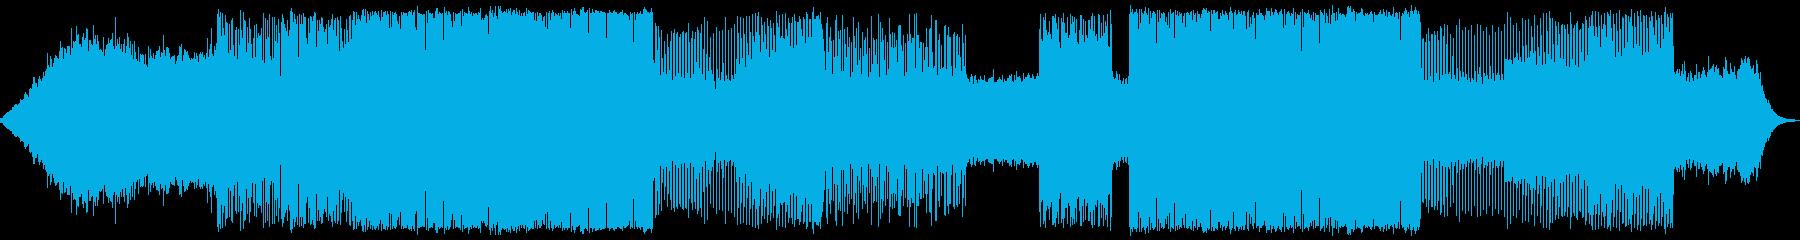 変拍子のさわやかなポストロックの再生済みの波形